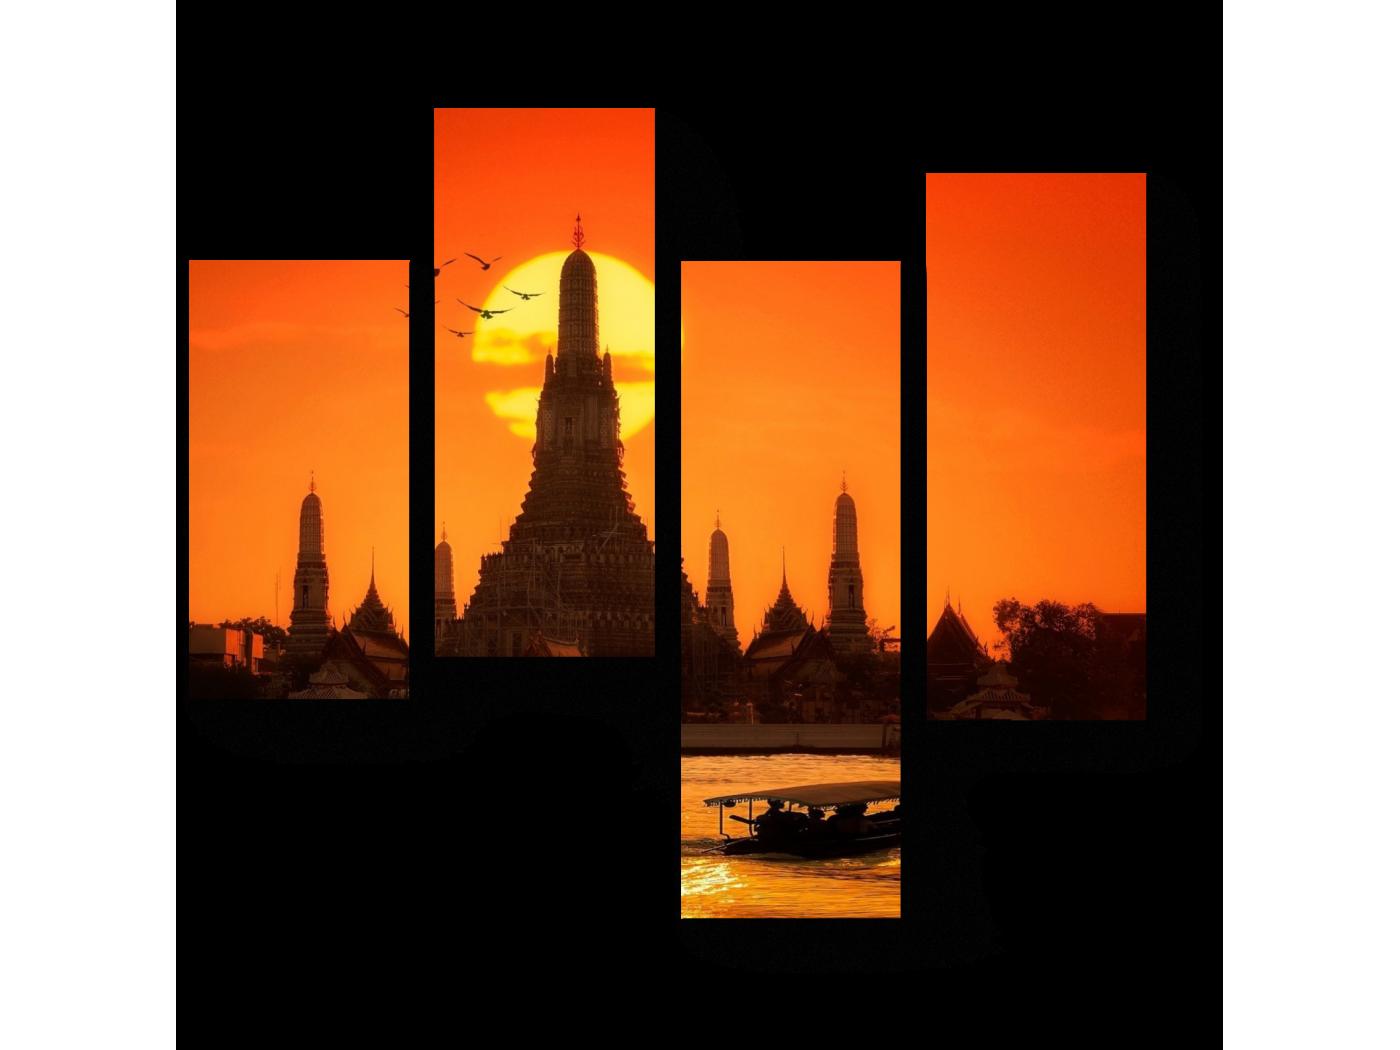 Модульная картина Алый закат в Бангкоке (64x60) фото